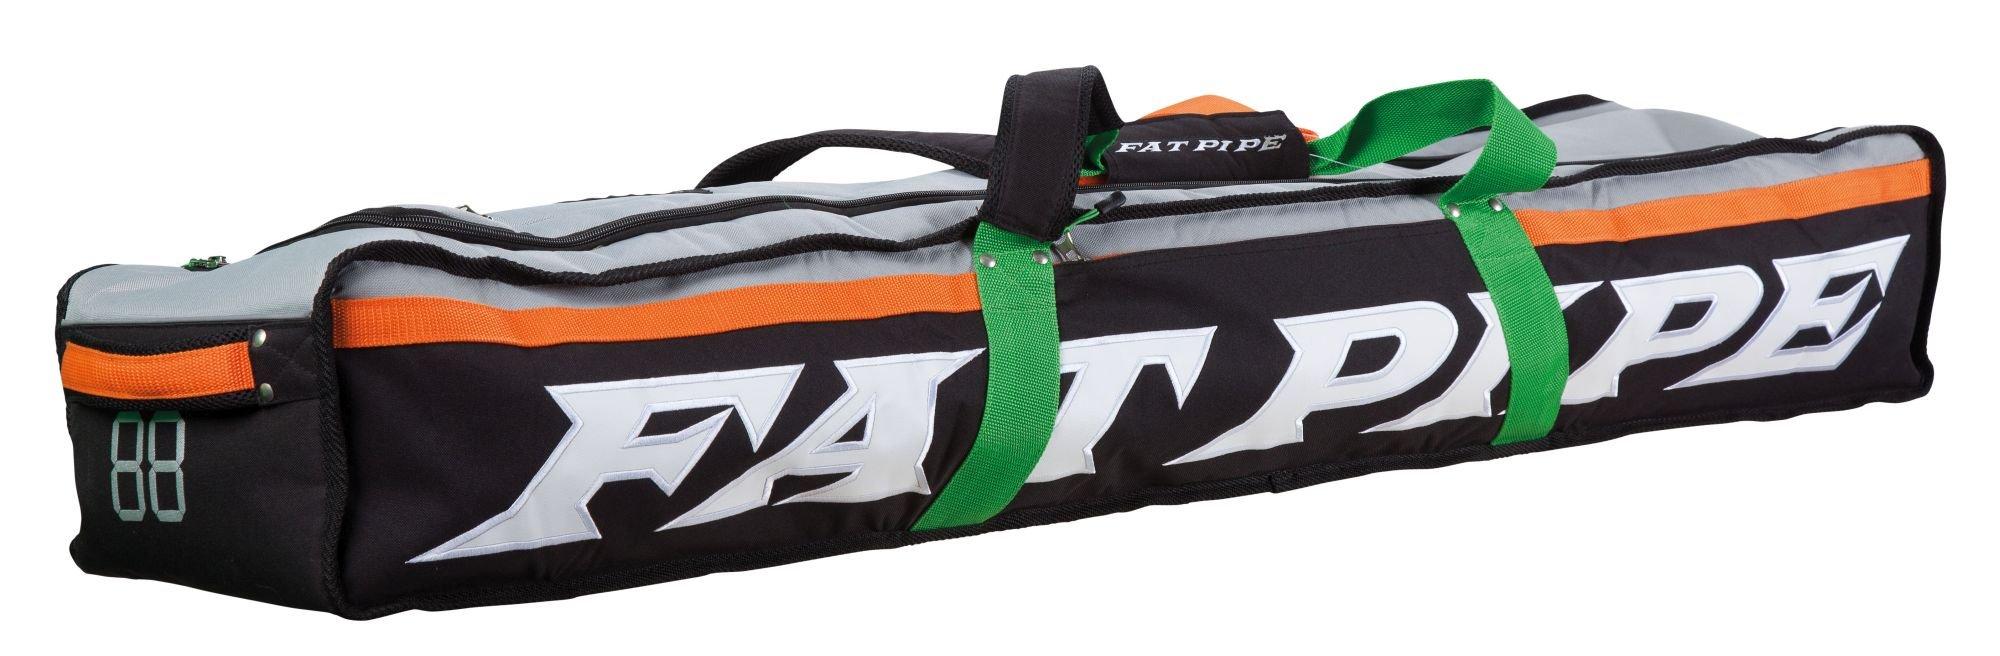 Fatpipe Pro Bag 16/17 černá-šedá-oranžová-zelená